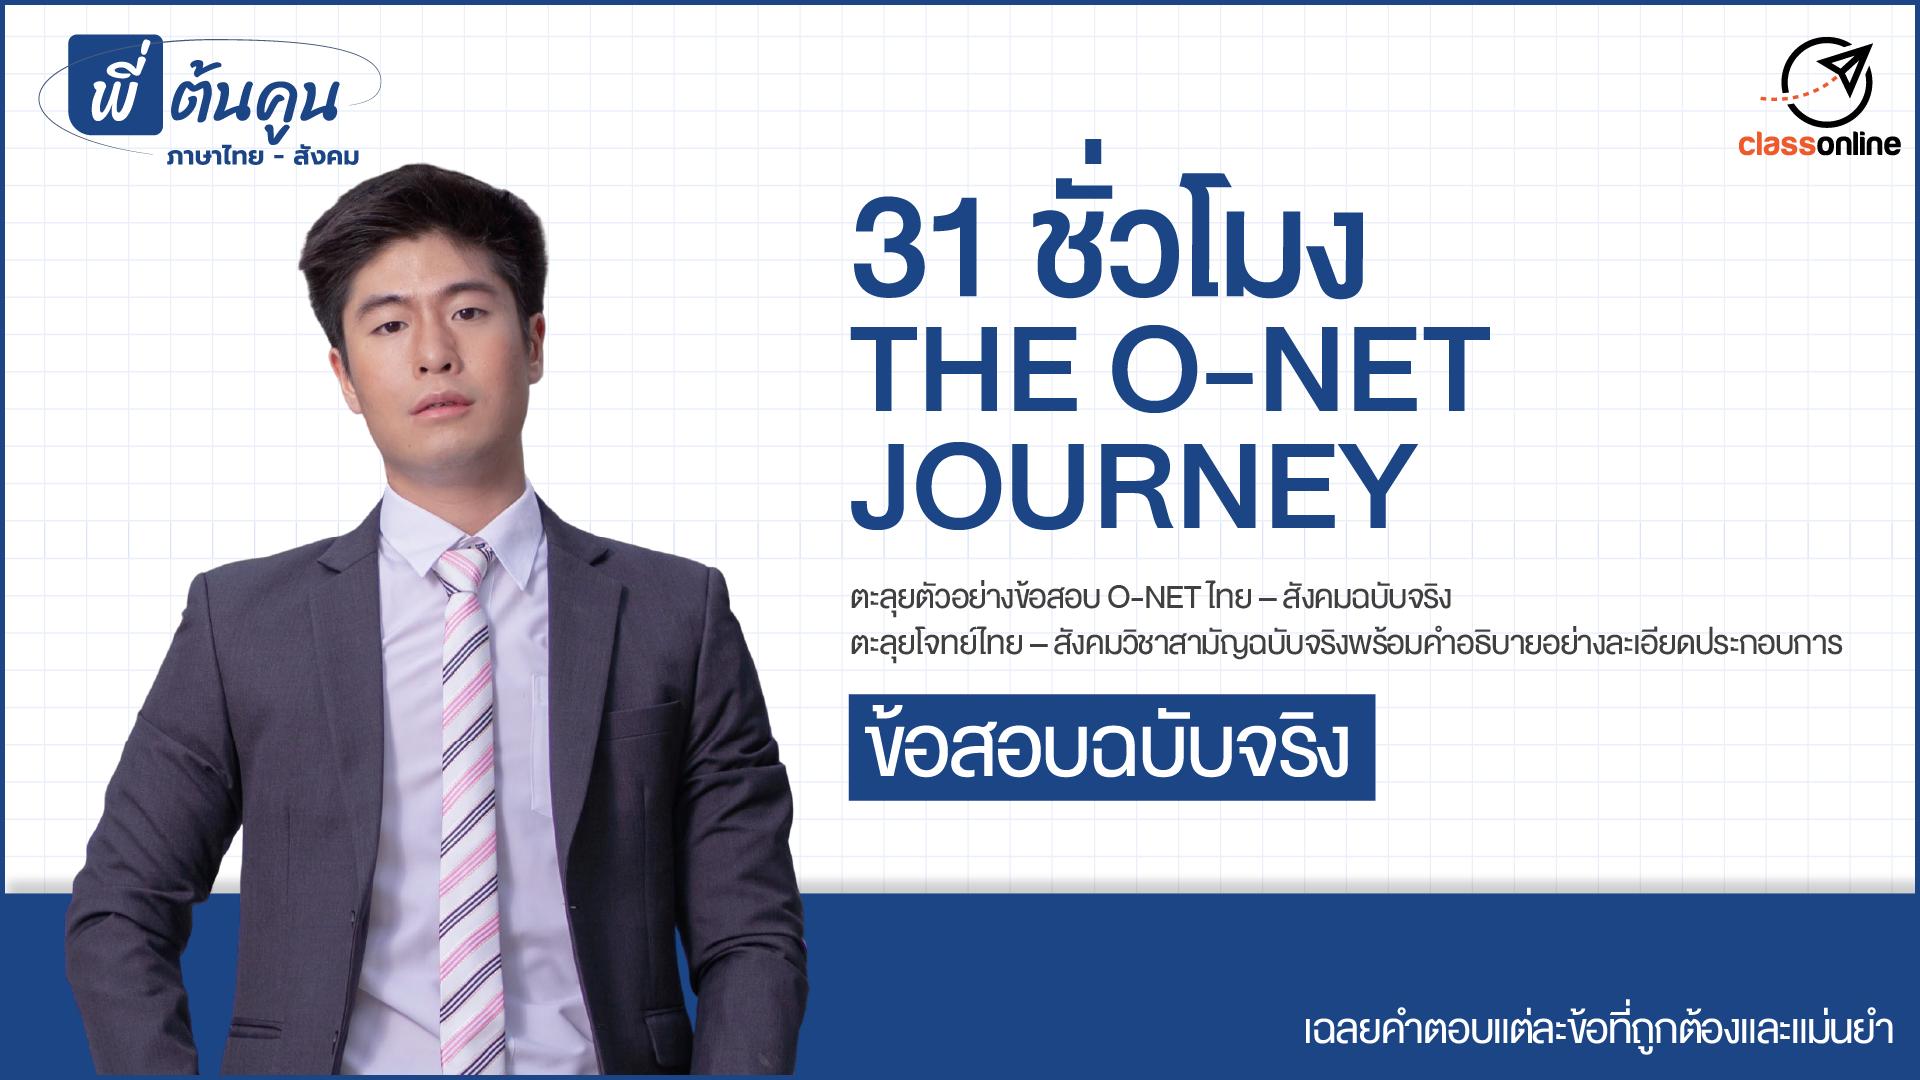 31 ชั่วโมง THE O-NET JOURNEY